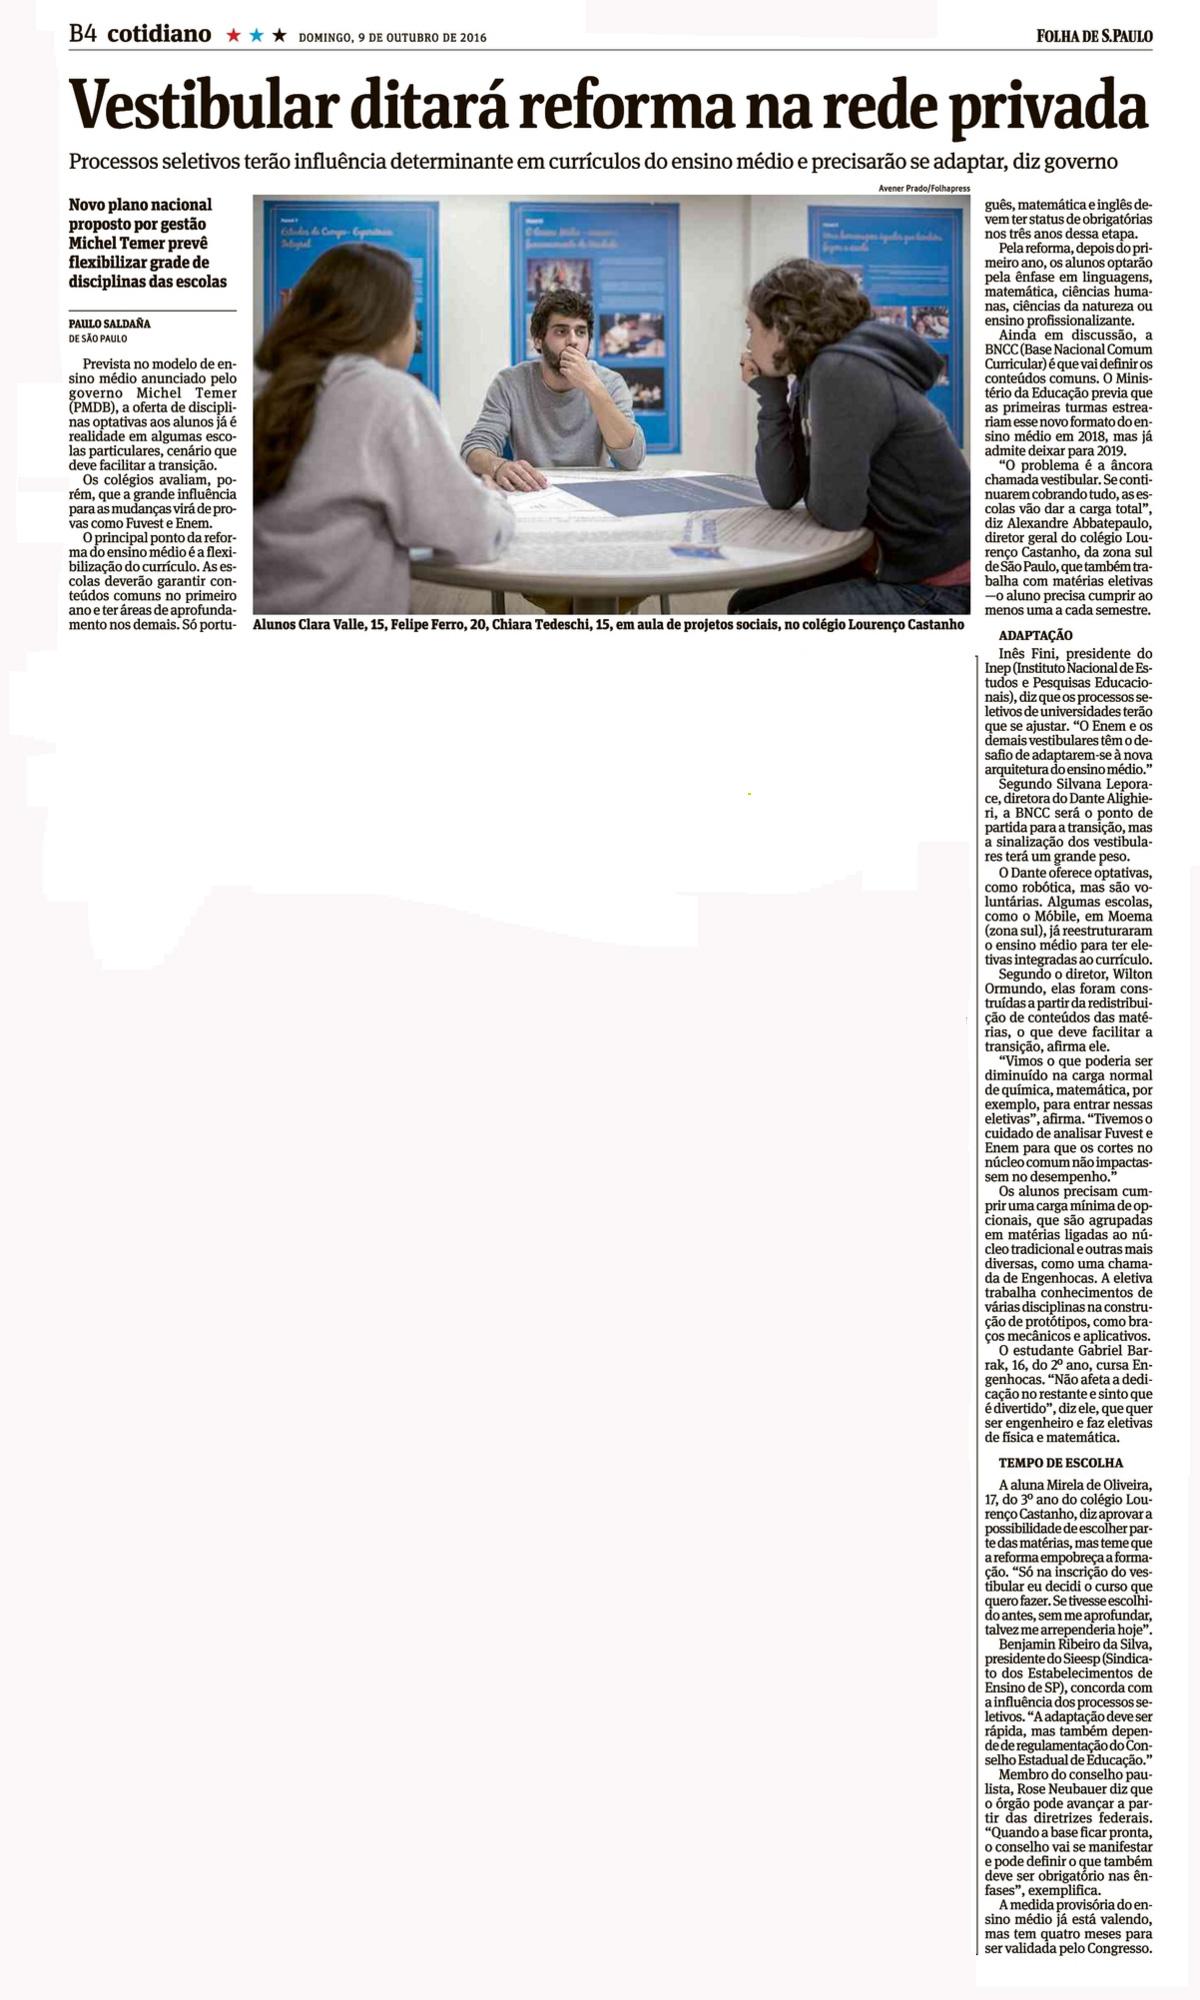 folha091016